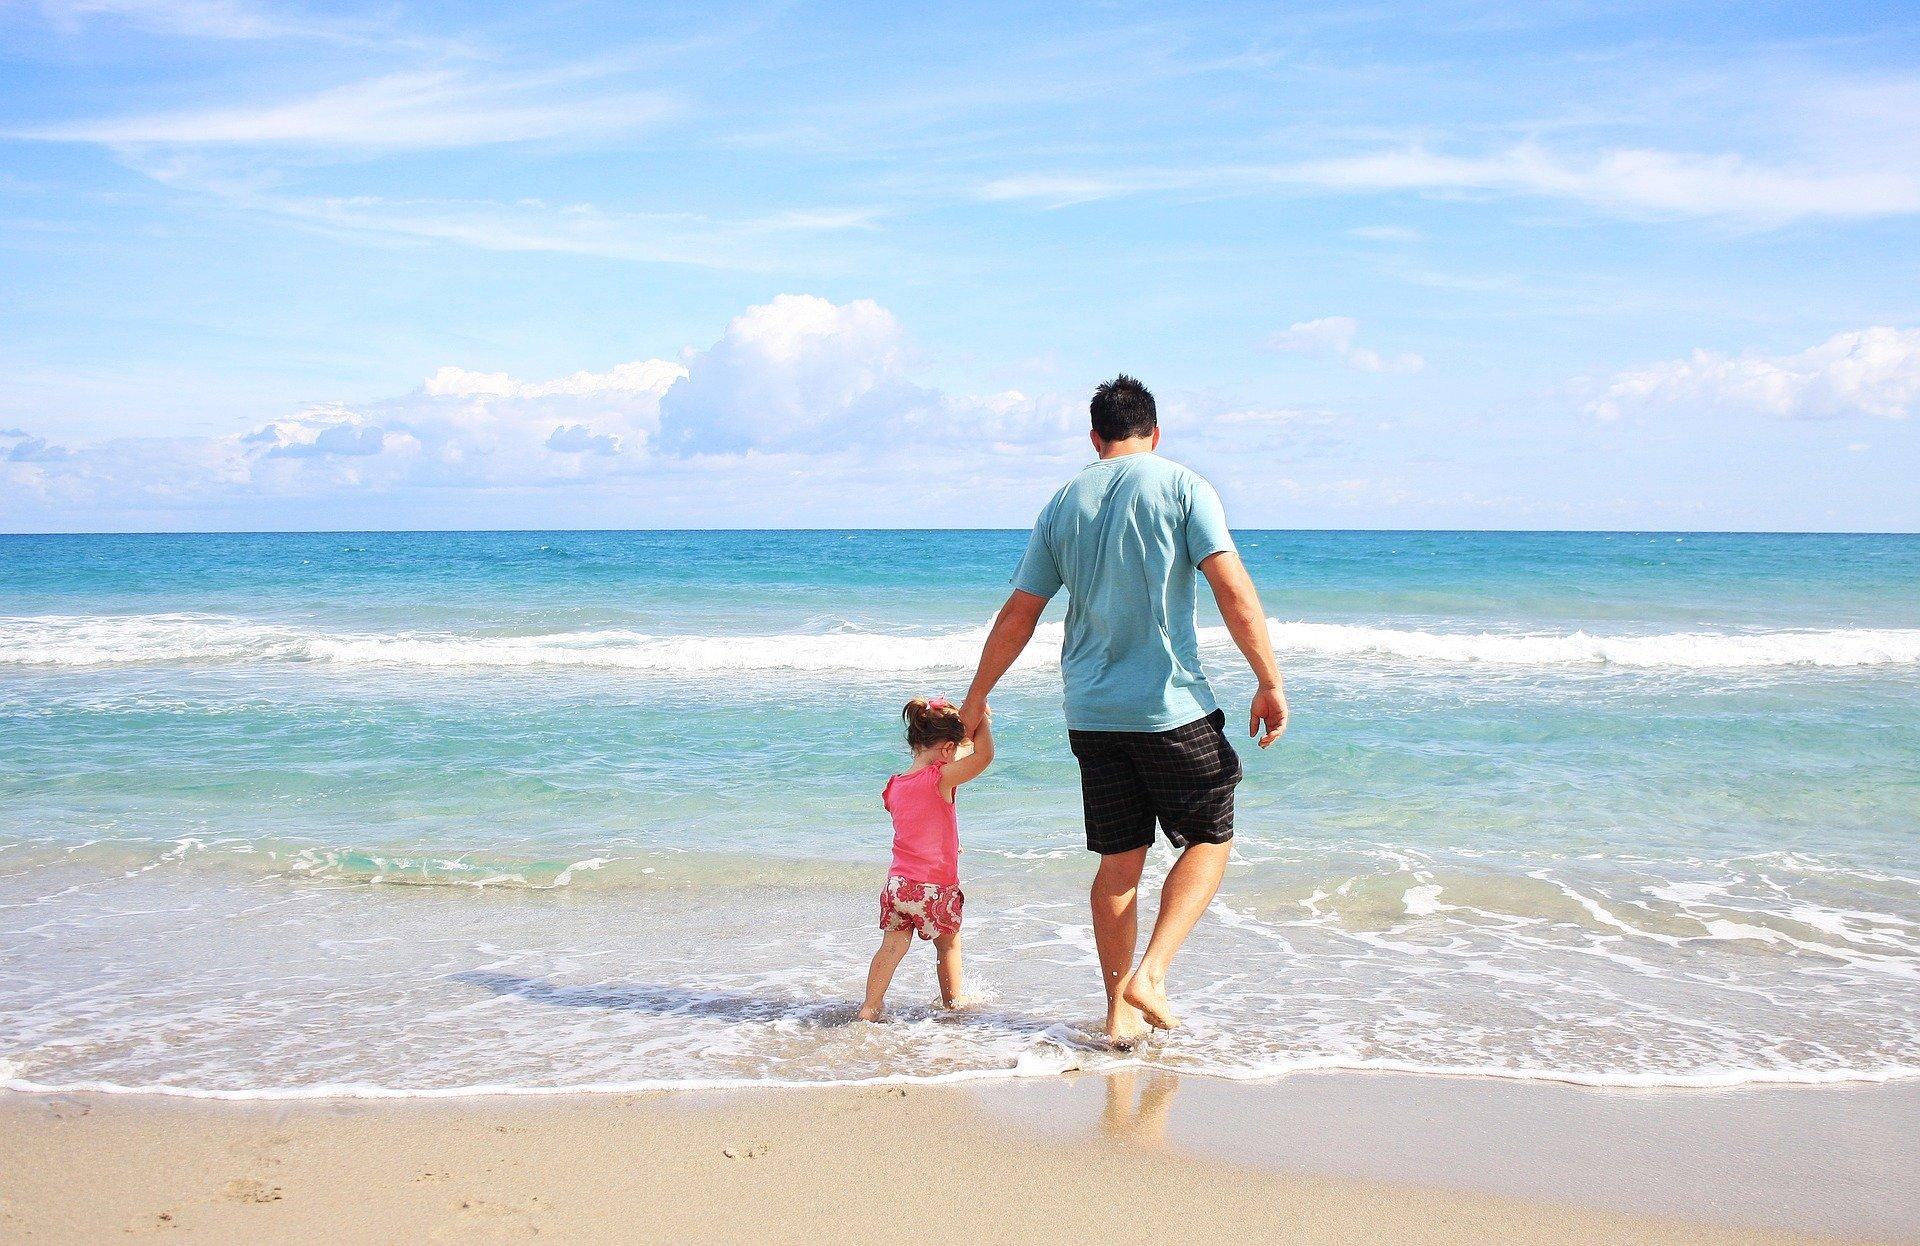 Distanciation sur les plages, comment procéder?